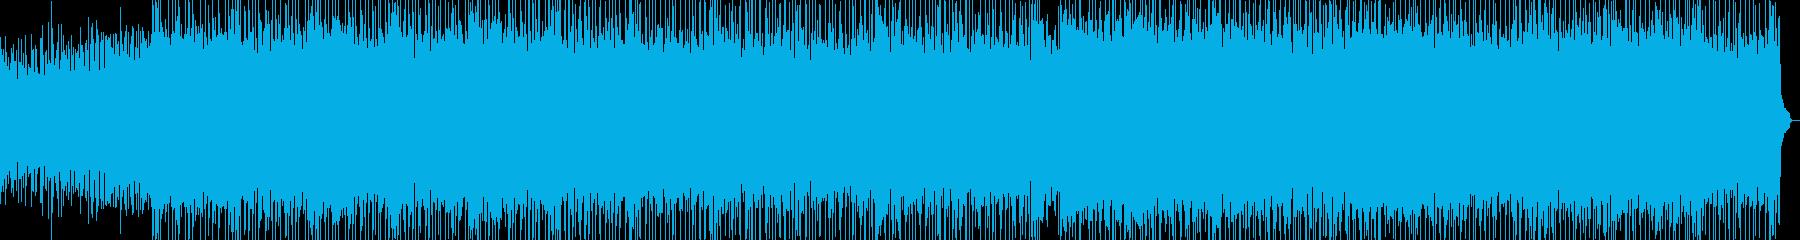 ギター生演奏、アップテンポのBGMの再生済みの波形